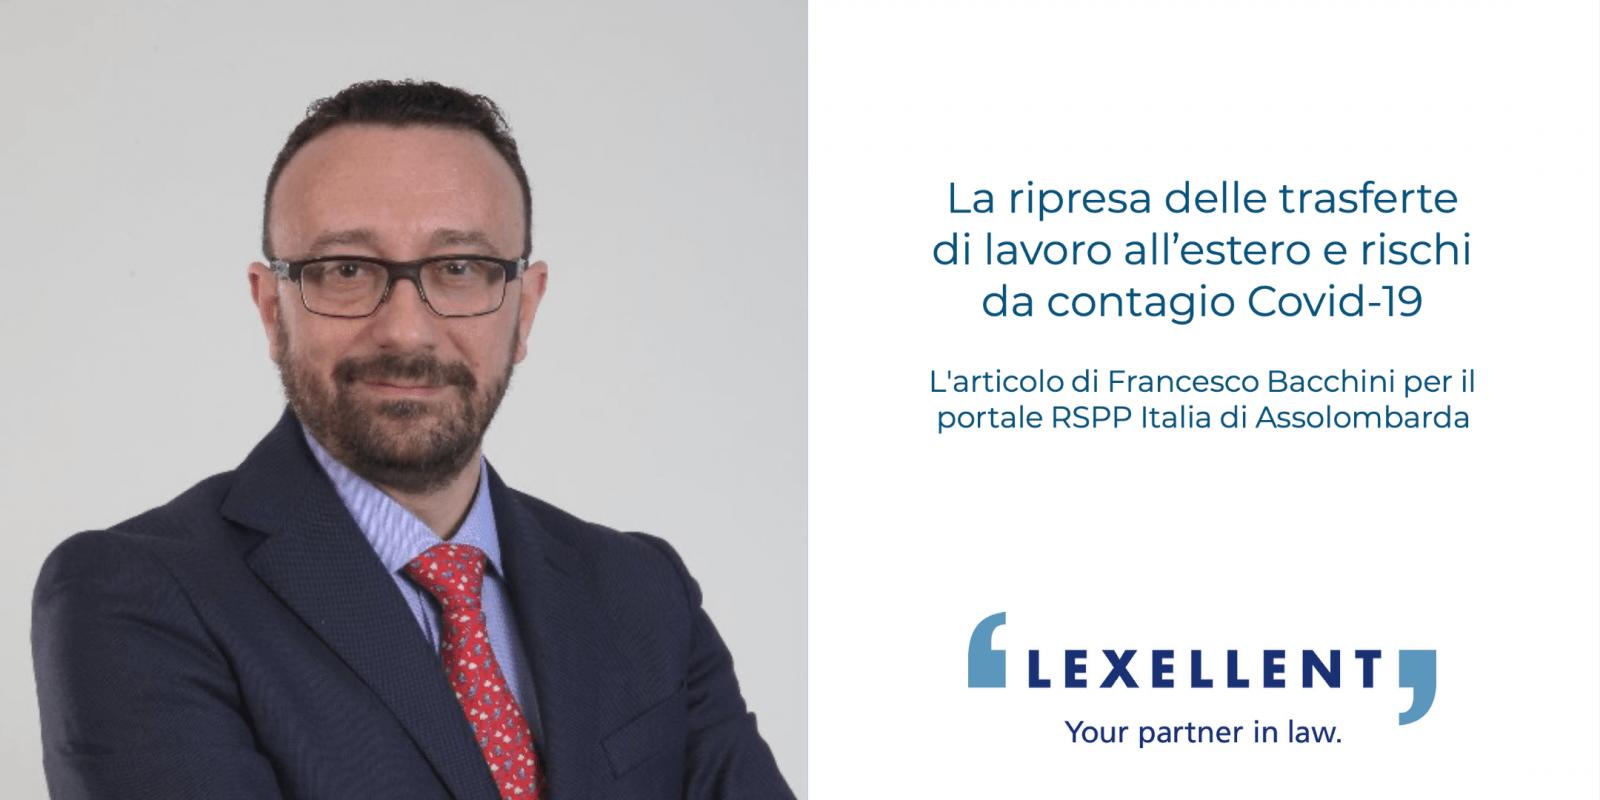 La ripresa delle trasferte di lavoro all'estero e rischi da contagio Covid-19: Francesco Bacchini per RSPP Italia